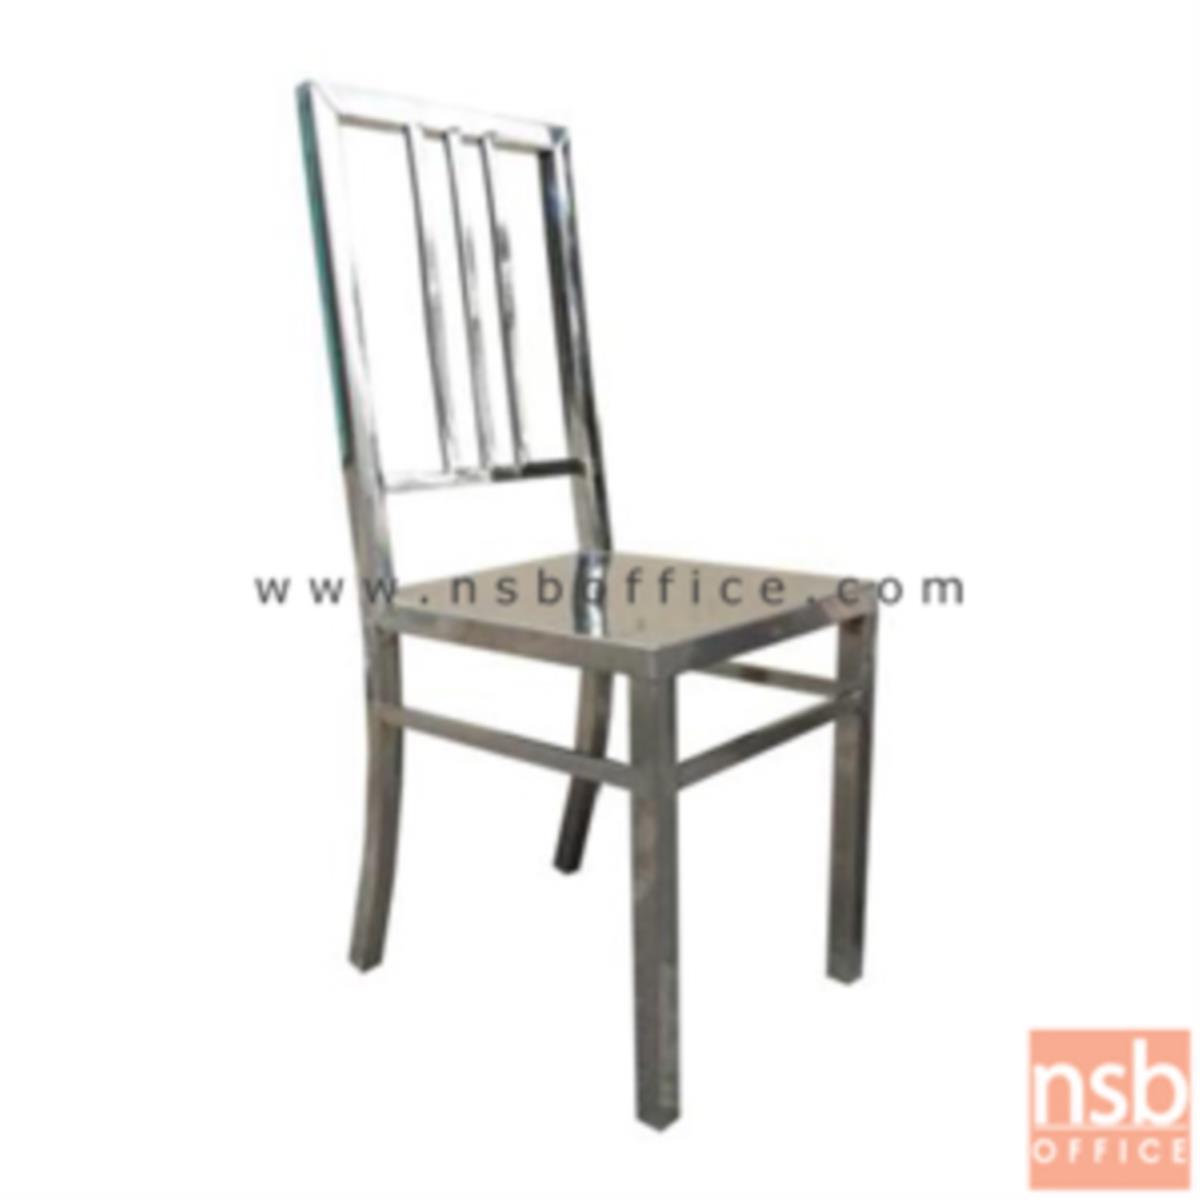 G12A087:เก้าอี้อเนกประสงค์สแตนเลส รุ่น QTS-230  ขาสเตนเลส